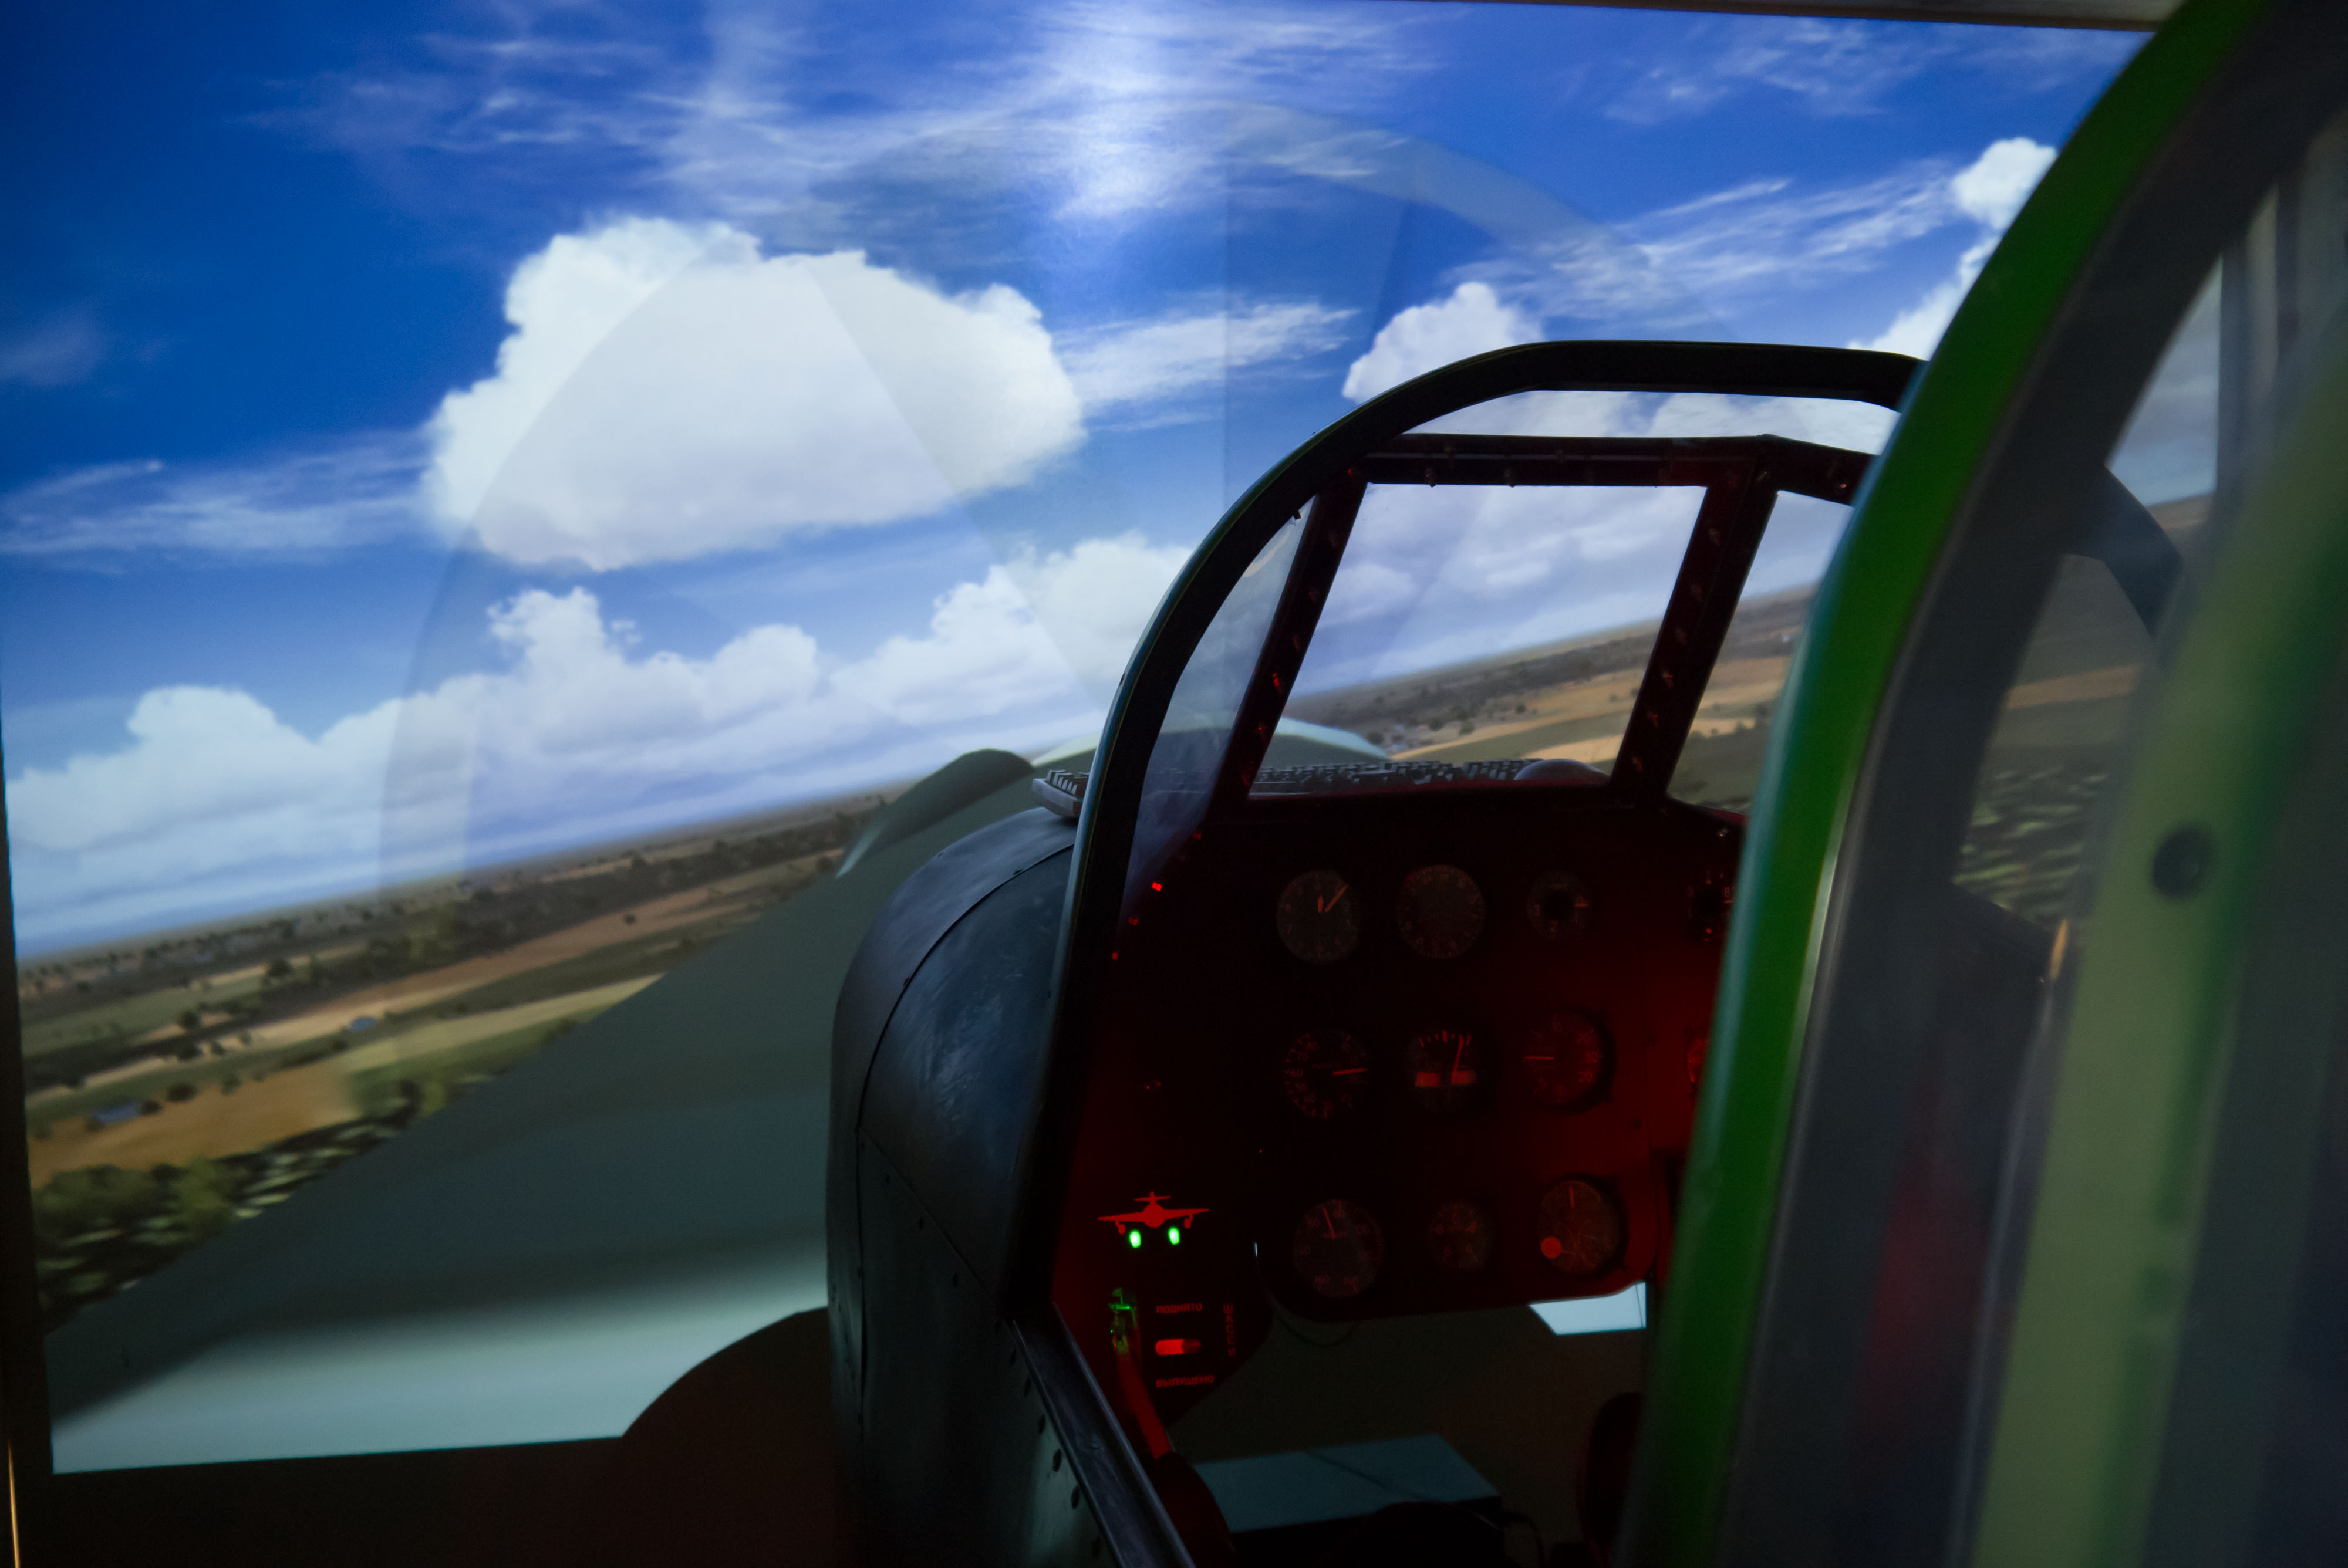 авиасимулятор самолета времен Второй мировой войны Як-9